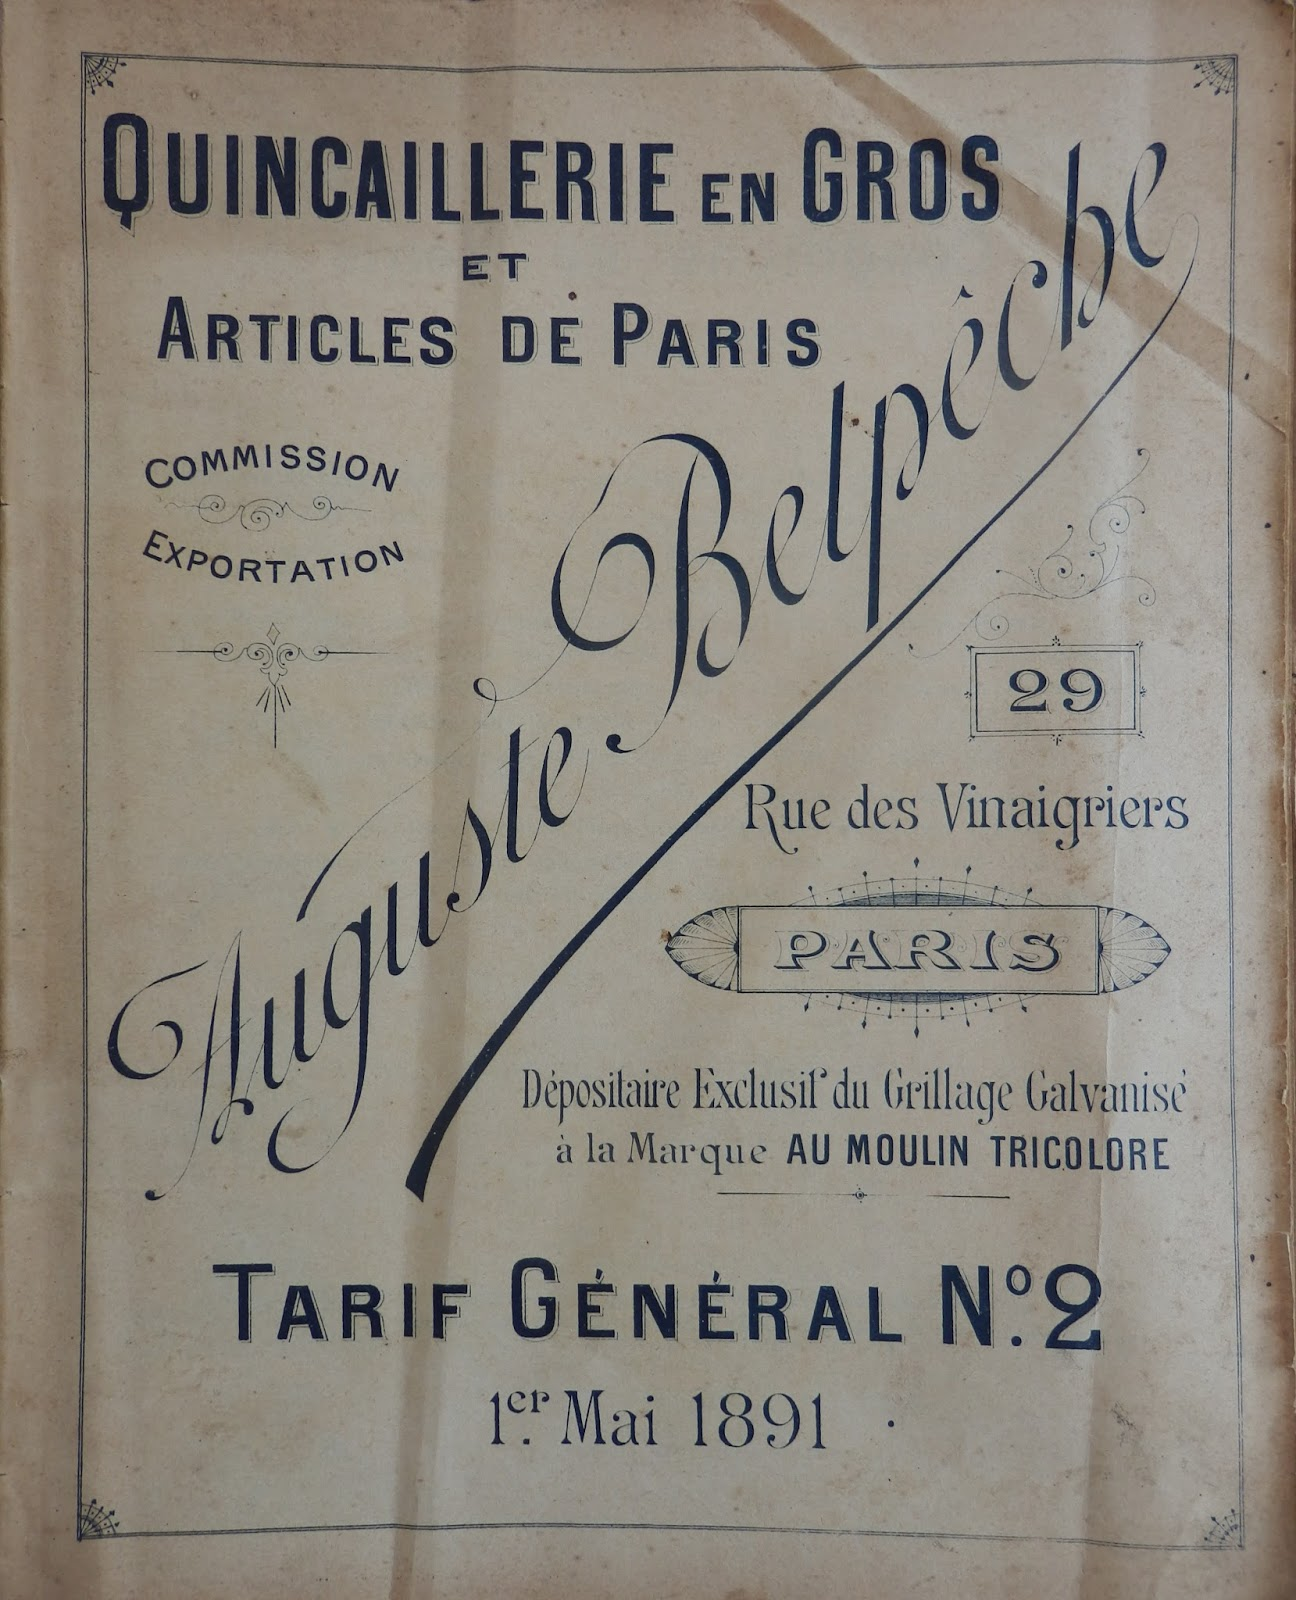 Quincaillerie electricite paris caen 22 - Quincaillerie paris 16 ...